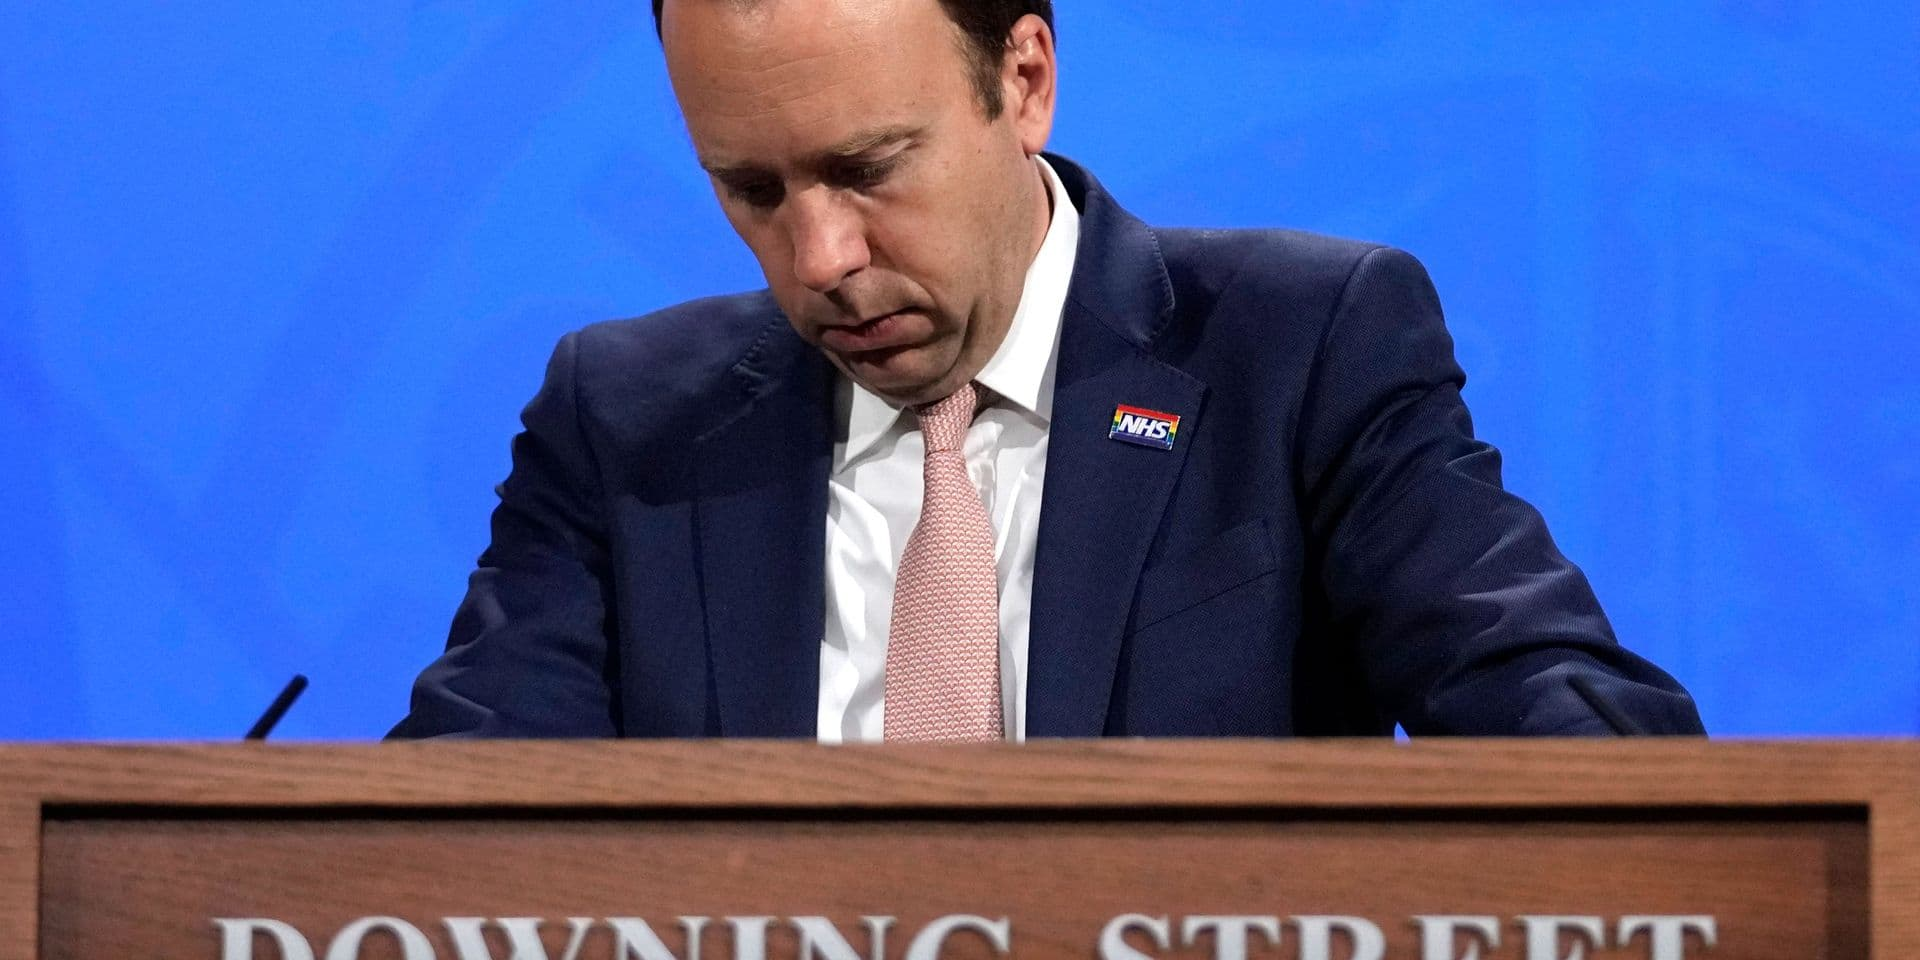 Après une vive polémique, le ministre britannique de la Santé démissionne